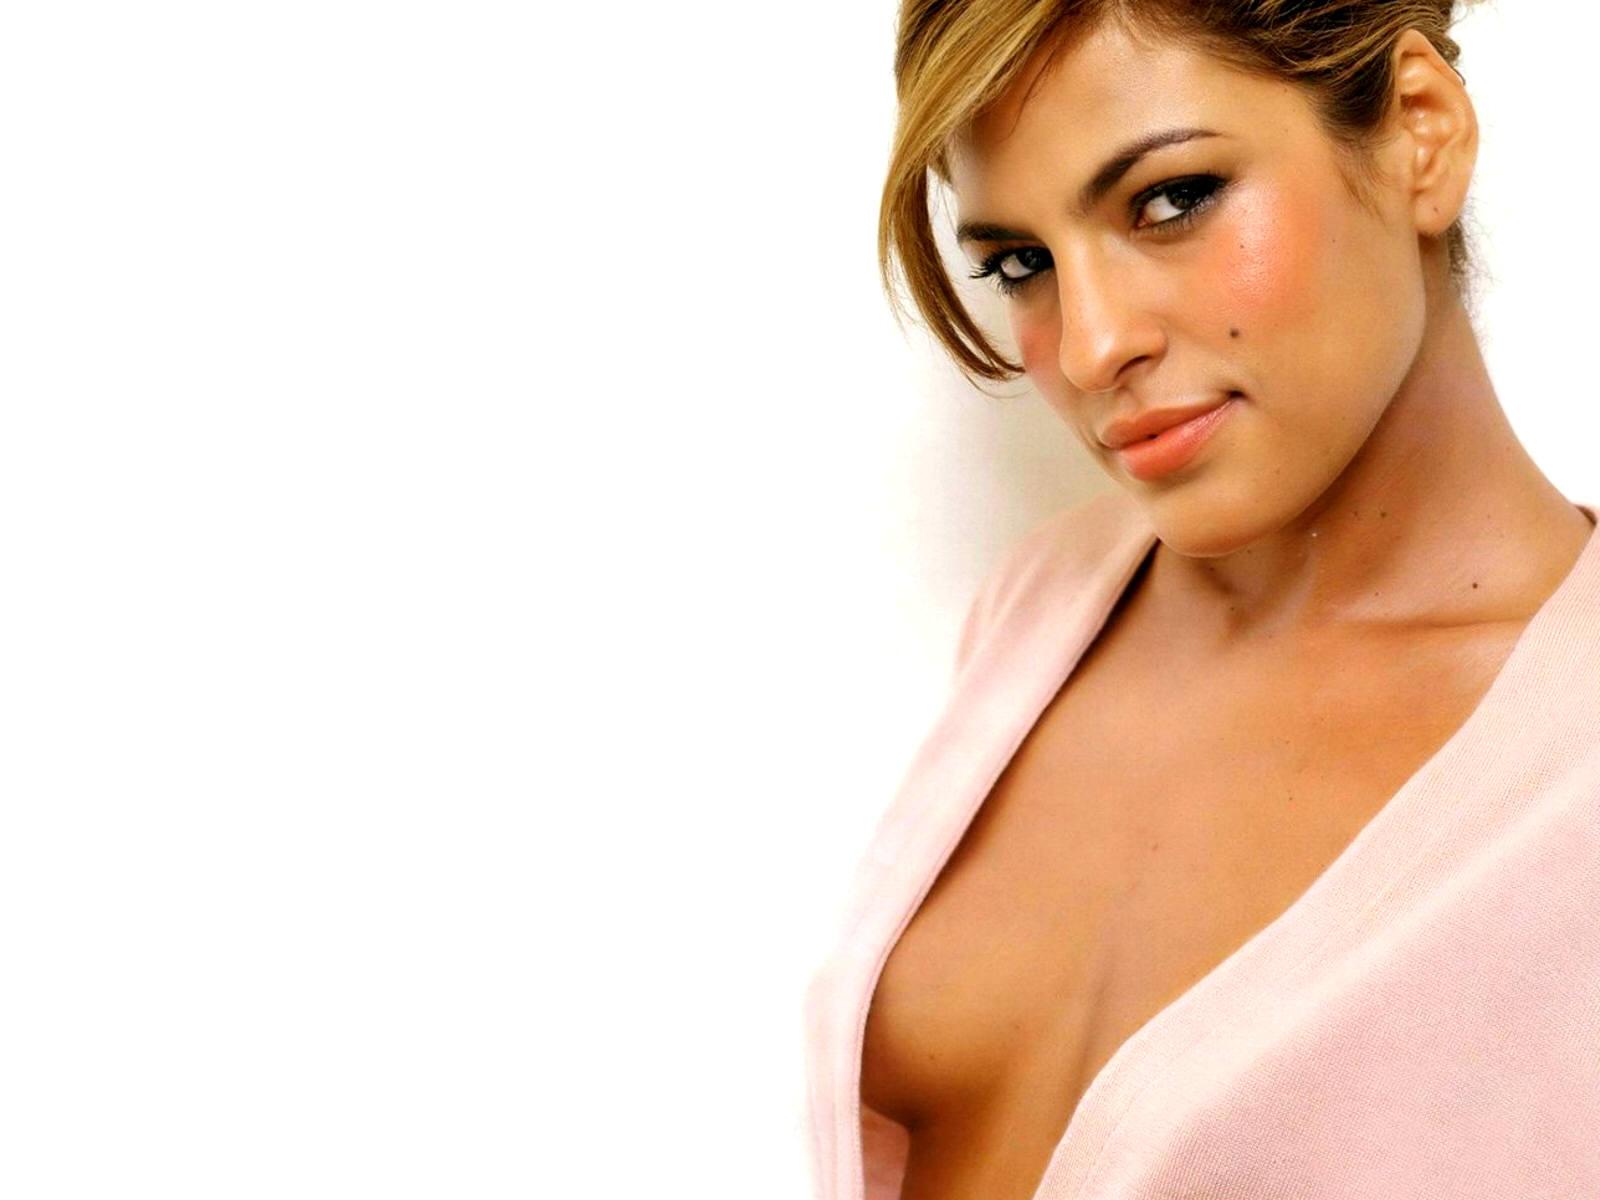 Порно массаж - секс видео лучших порно массажей - LabPorn